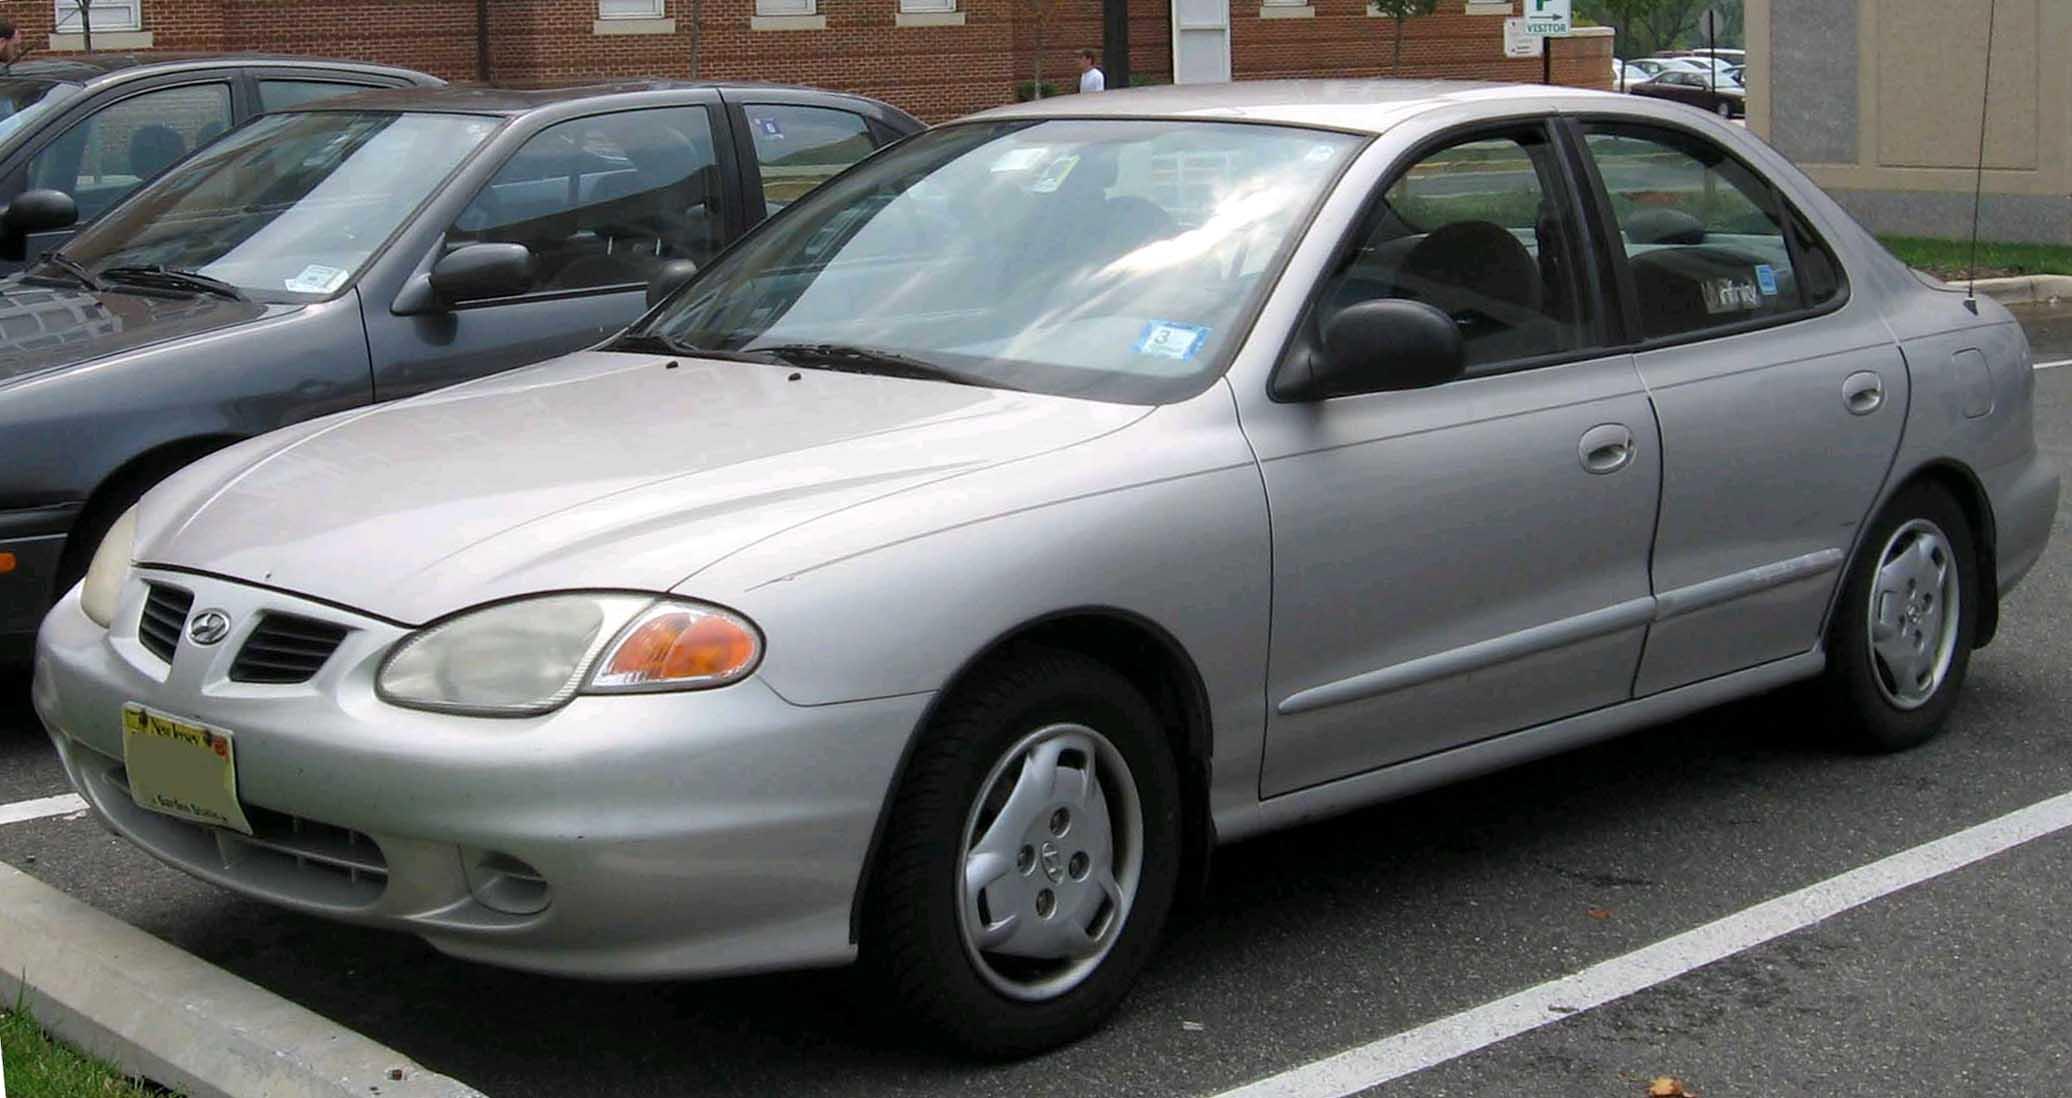 File:98-00 Hyundai Elantra Sedan.jpg - Wikimedia Commons